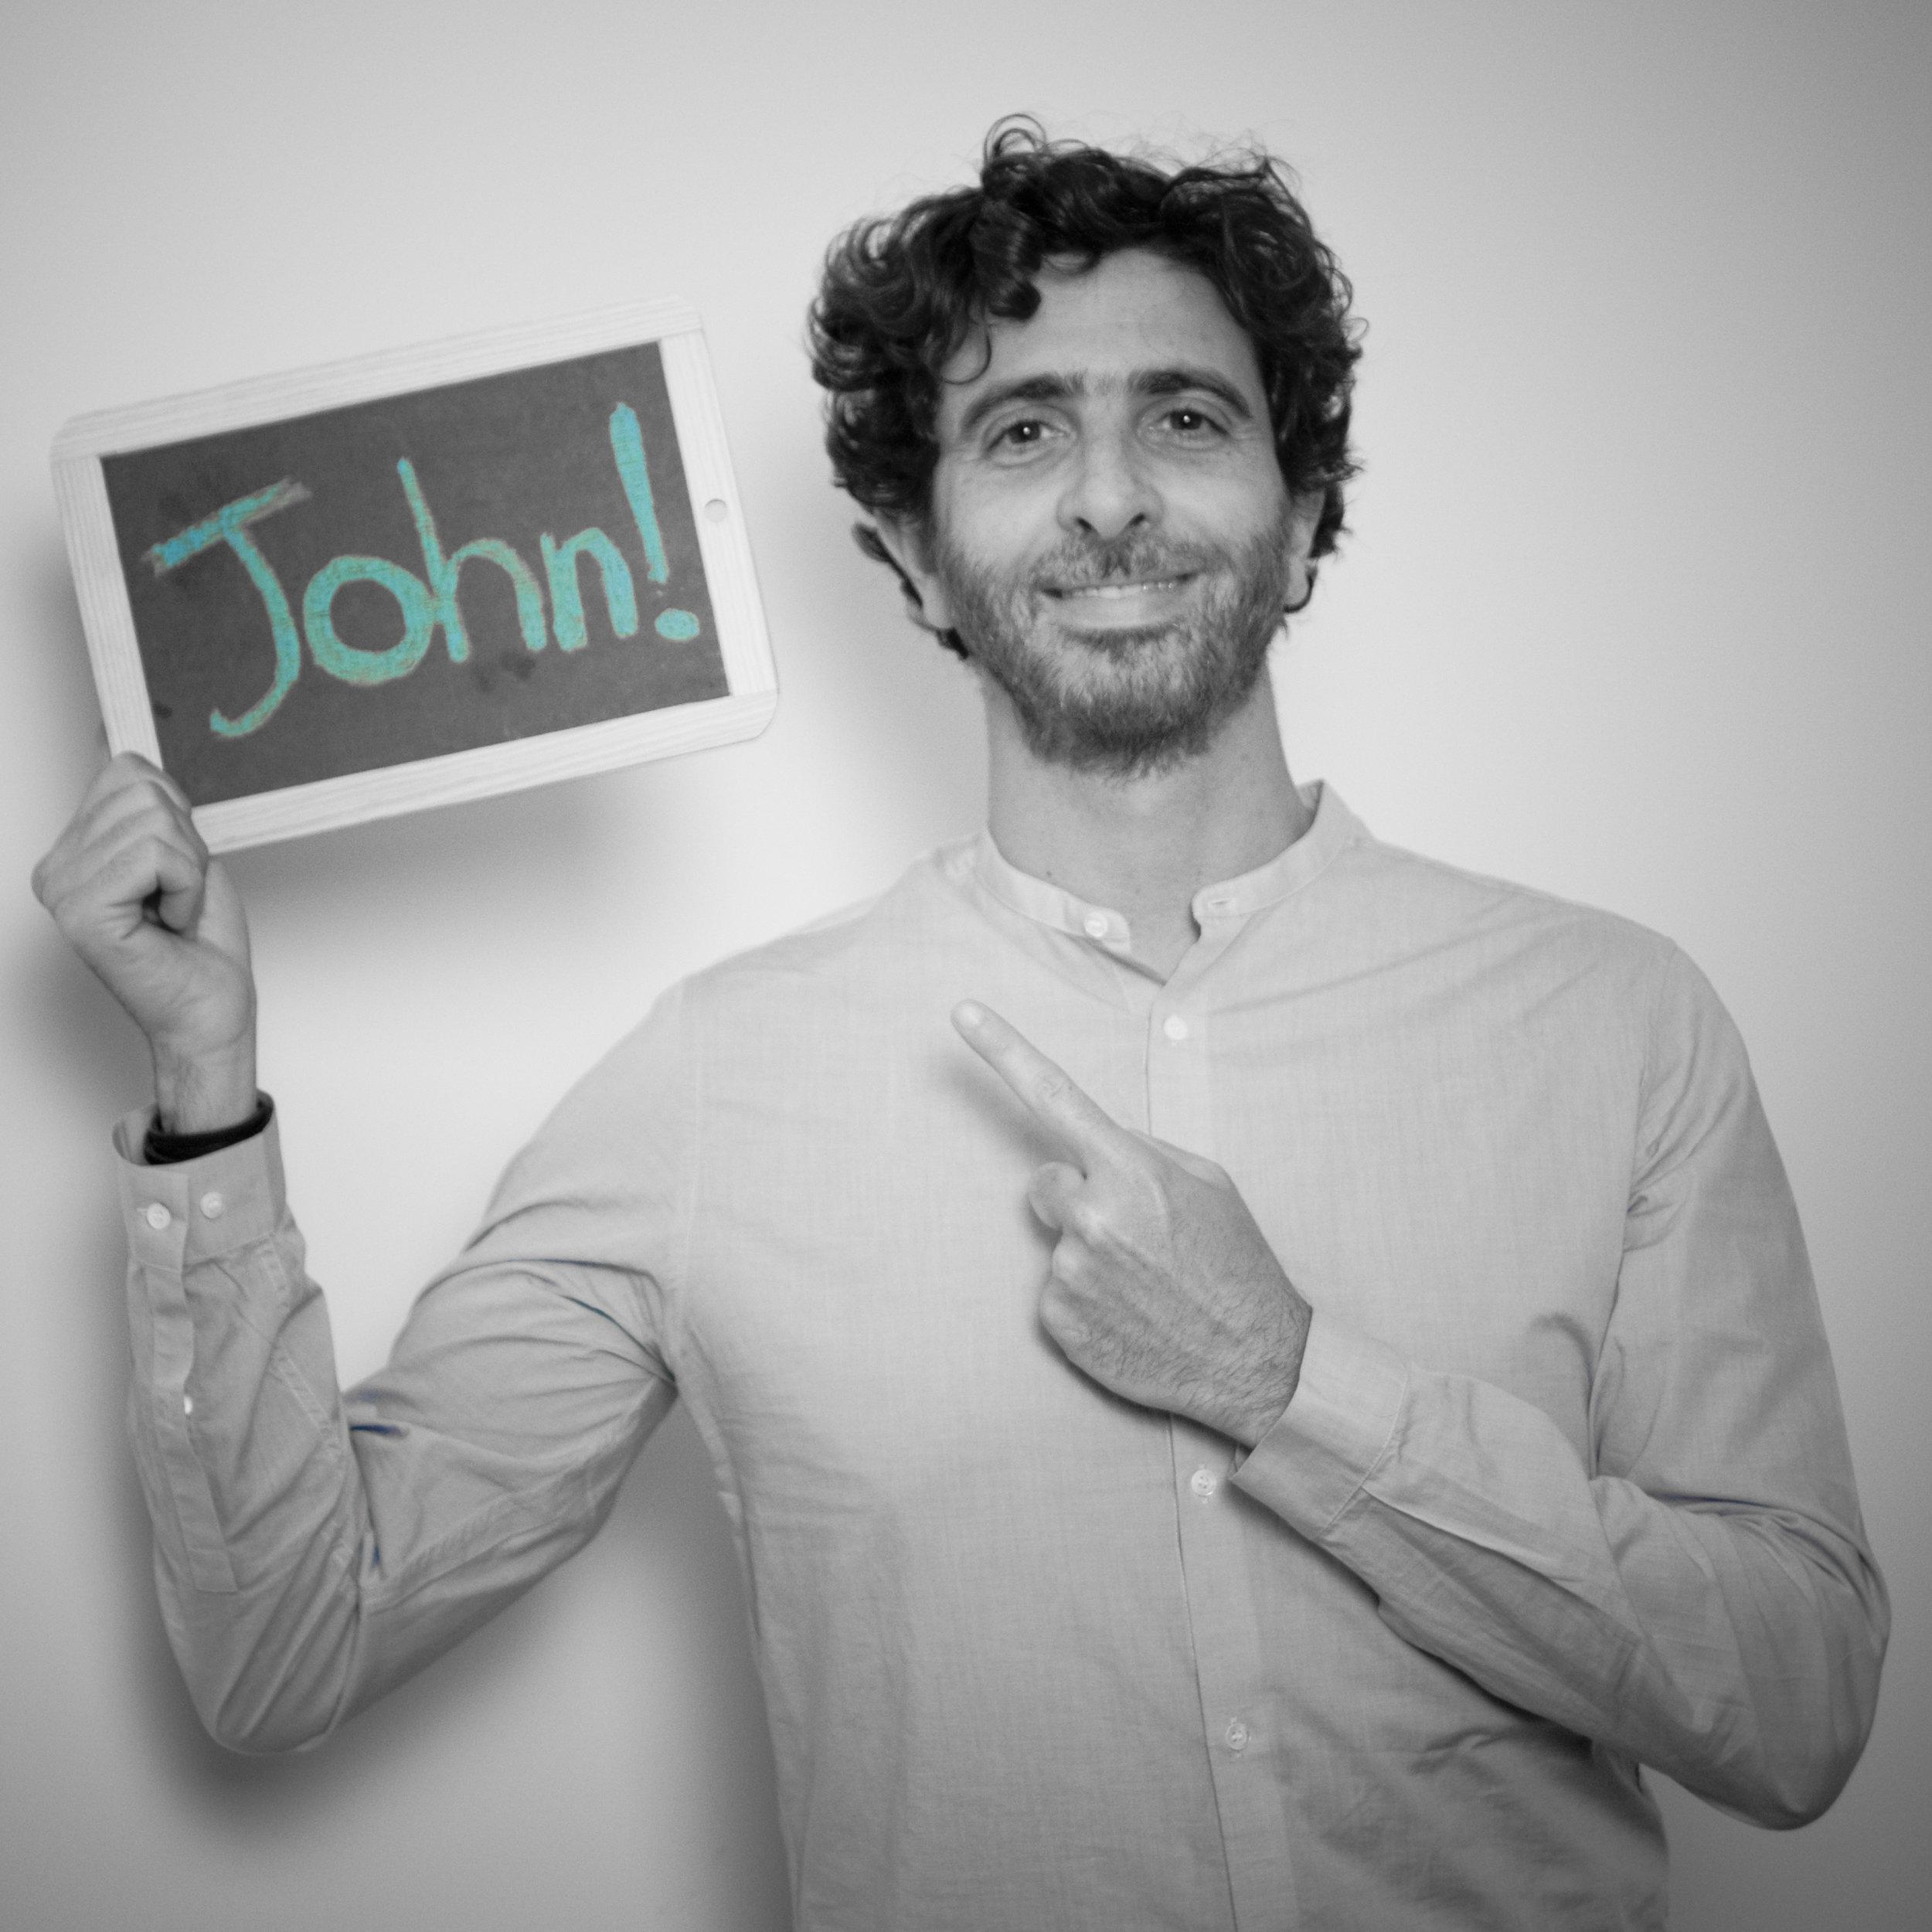 """Jonathan azuelos - Auditeur / Improvisateur10 ans en tant que manager en paie et ADP, en cabinet d'expertise comptable, auditeur chez EY & comédienAmoureux des joutes verbales, j'ai découvert le théâtre il y a 20 ans par l'improvisation théâtrale. En 2010, je gagne un concours et c'est le déclic. Je participe en 2011 aux 24 heures de l'impro en équipe à l'INSAE Lyon et arrive 2ème. Je rejoins ensuite la troupe Hors-Je avec Blue et Livia où nous pratiquons également beaucoup l'improvisation.J'ai travaillé 11 ans en cabinet d'expertise comptable et ai quitté mon poste de payroll manager pour poursuivre mon expérience professionnelle chez Ernst & Young en tant que consultant senior Expert.Au cours de ma vie professionnelle, j'ai constaté qu'il y a de nombreux leviers d'amélioration des relations humaines en entreprise. La communication, la prise de parole des managers et des collaborateurs sont parfois laissées de côté et suscitent du stress et de l'inconfort alors que cela peut être une véritable force et surtout un plaisir!"""" Je me suis rendu compte qu'avec des mots, une manière de dire les choses, en utilisant des techniques théâtrales, on pouvait substantiellement améliorer les rapports humains au sein des équipes en entreprise. """""""